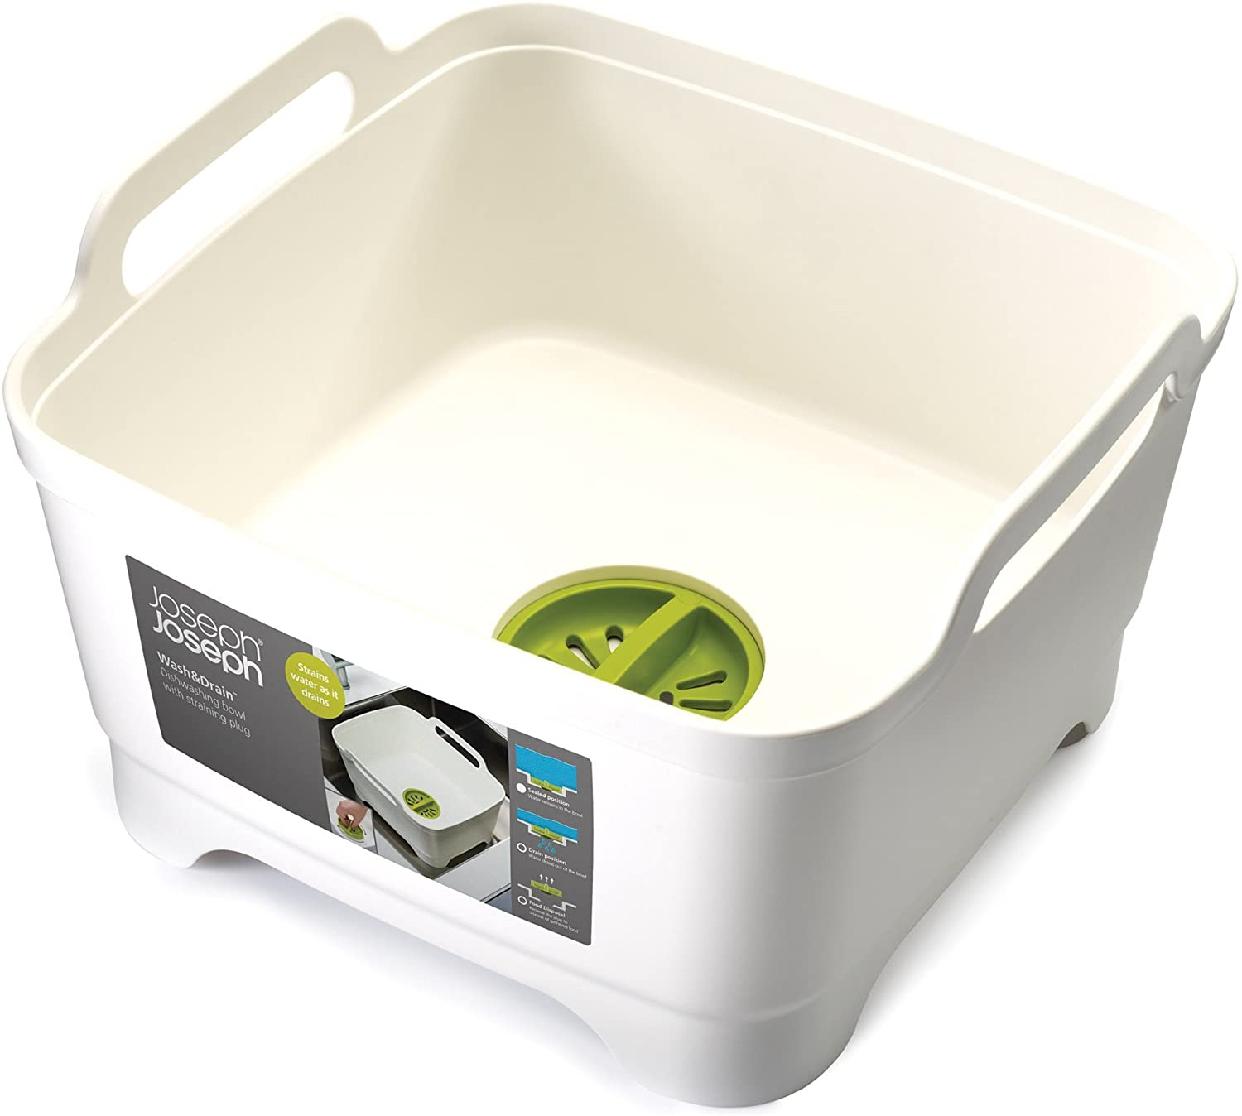 Joseph Joseph(ジョセフジョセフ) ウォッシュ&ドレイン / 洗い桶 ホワイト 850550の商品画像2